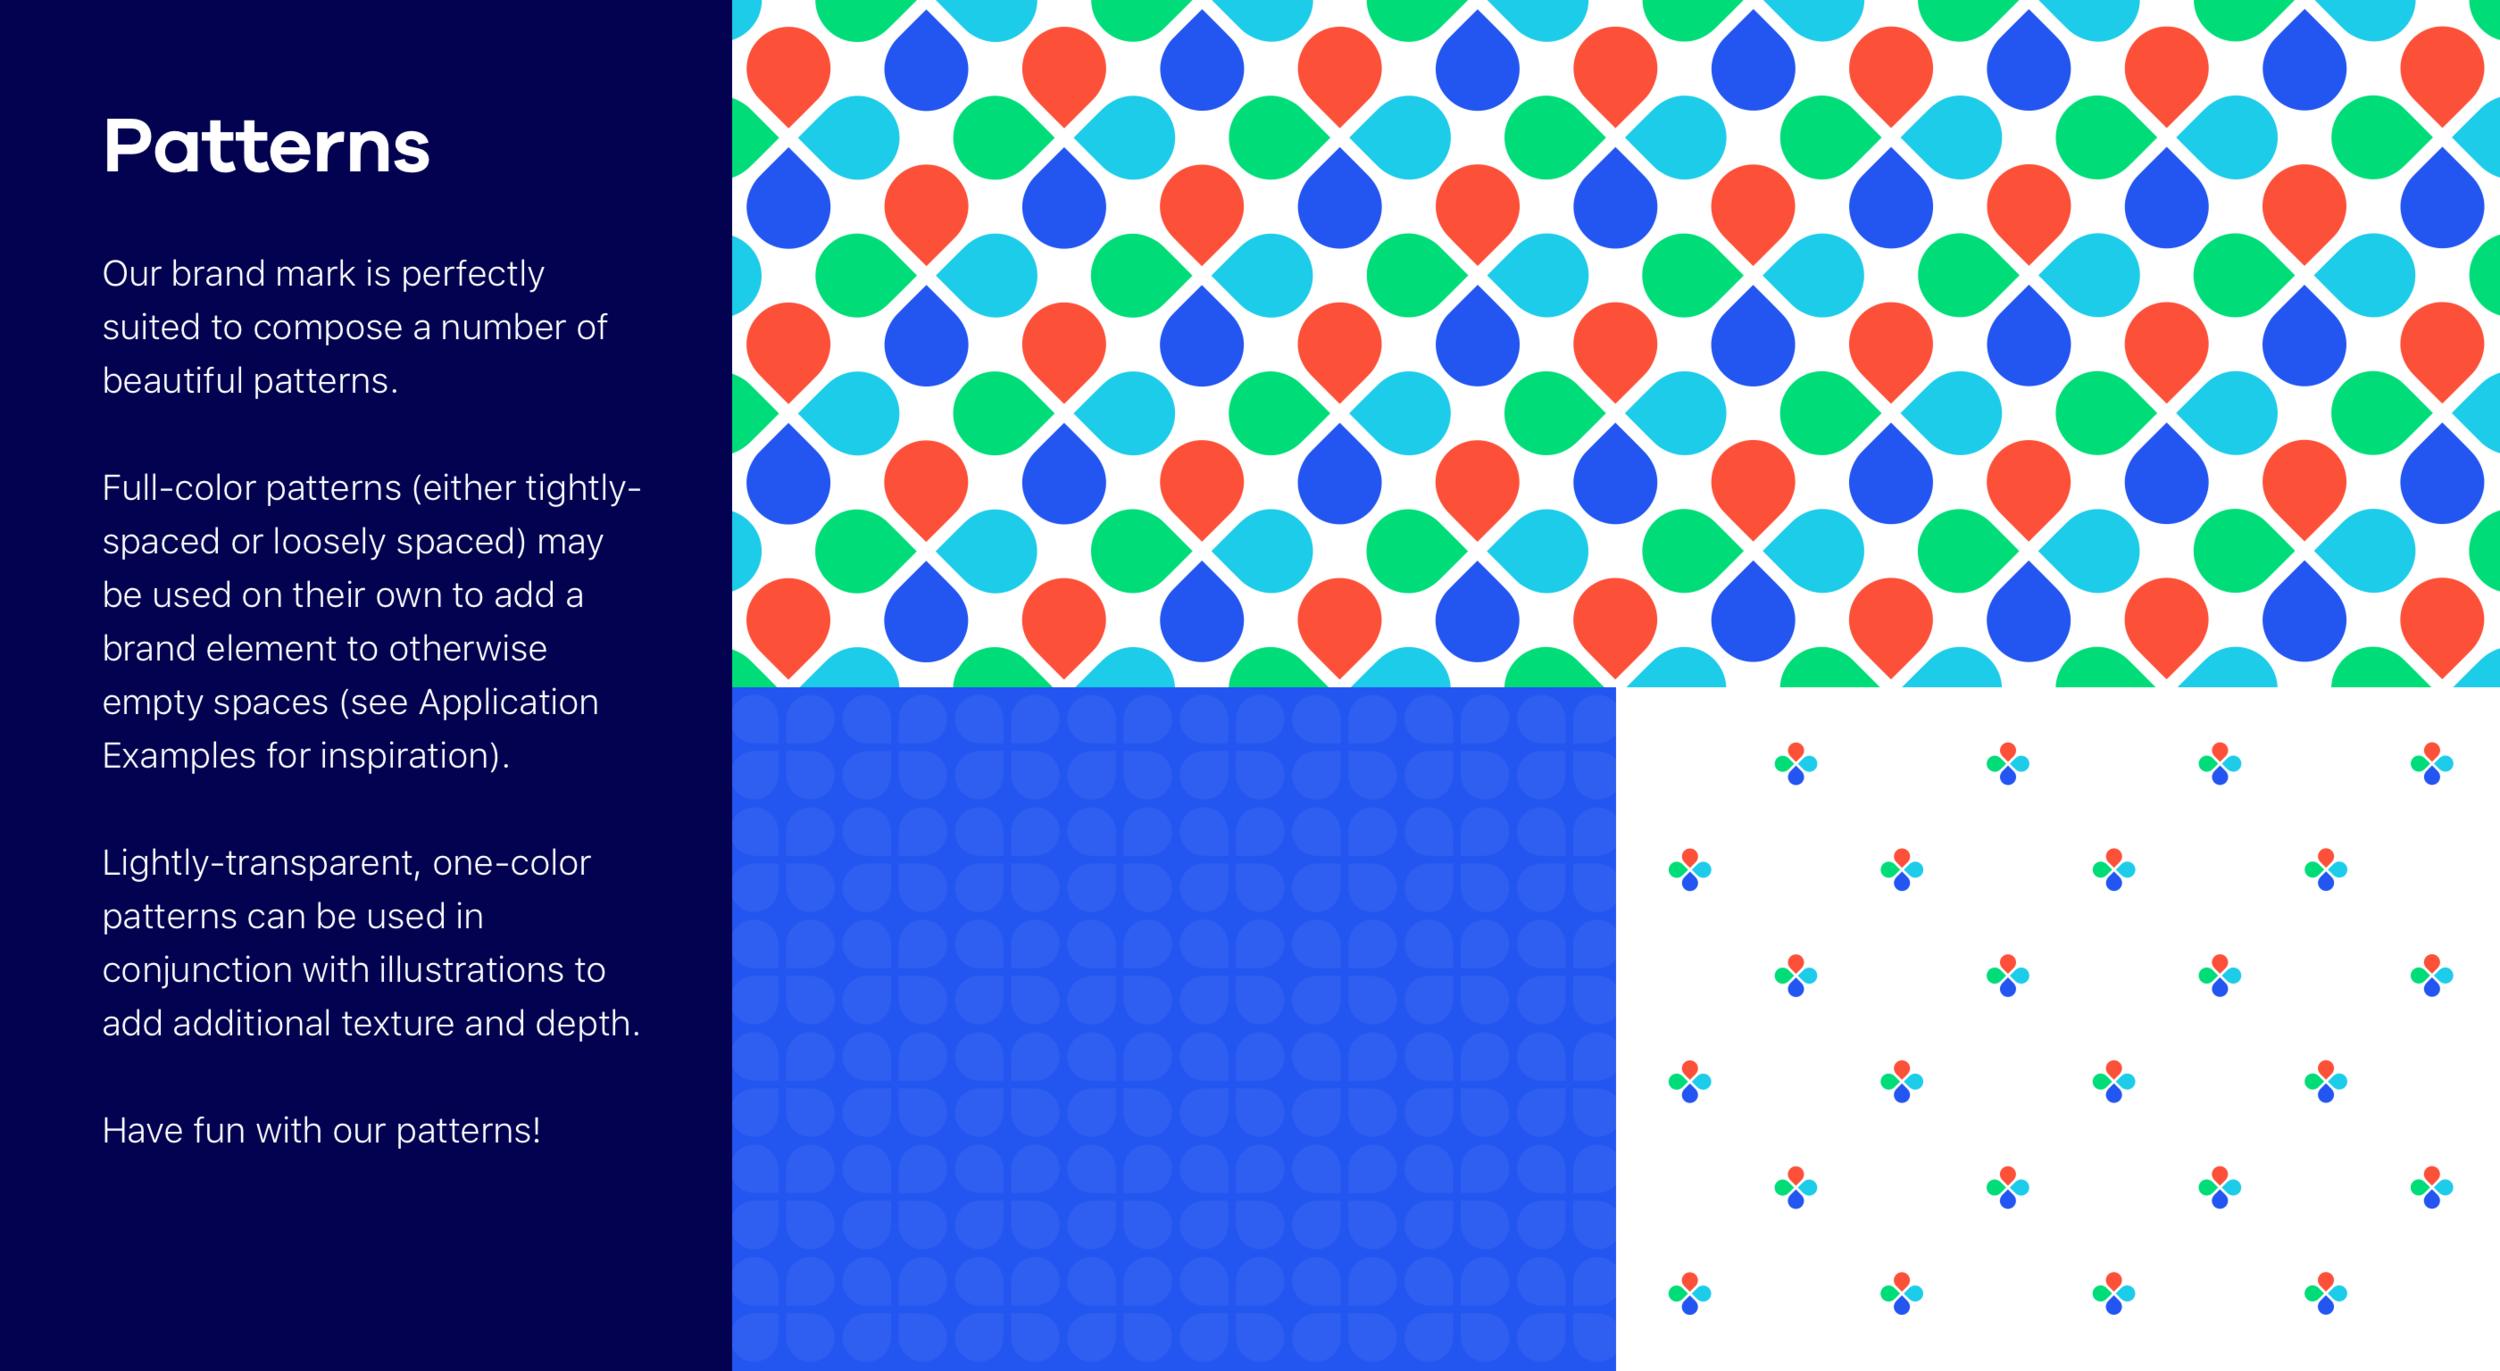 0803_iPad Landscape Copy 7@2x.png